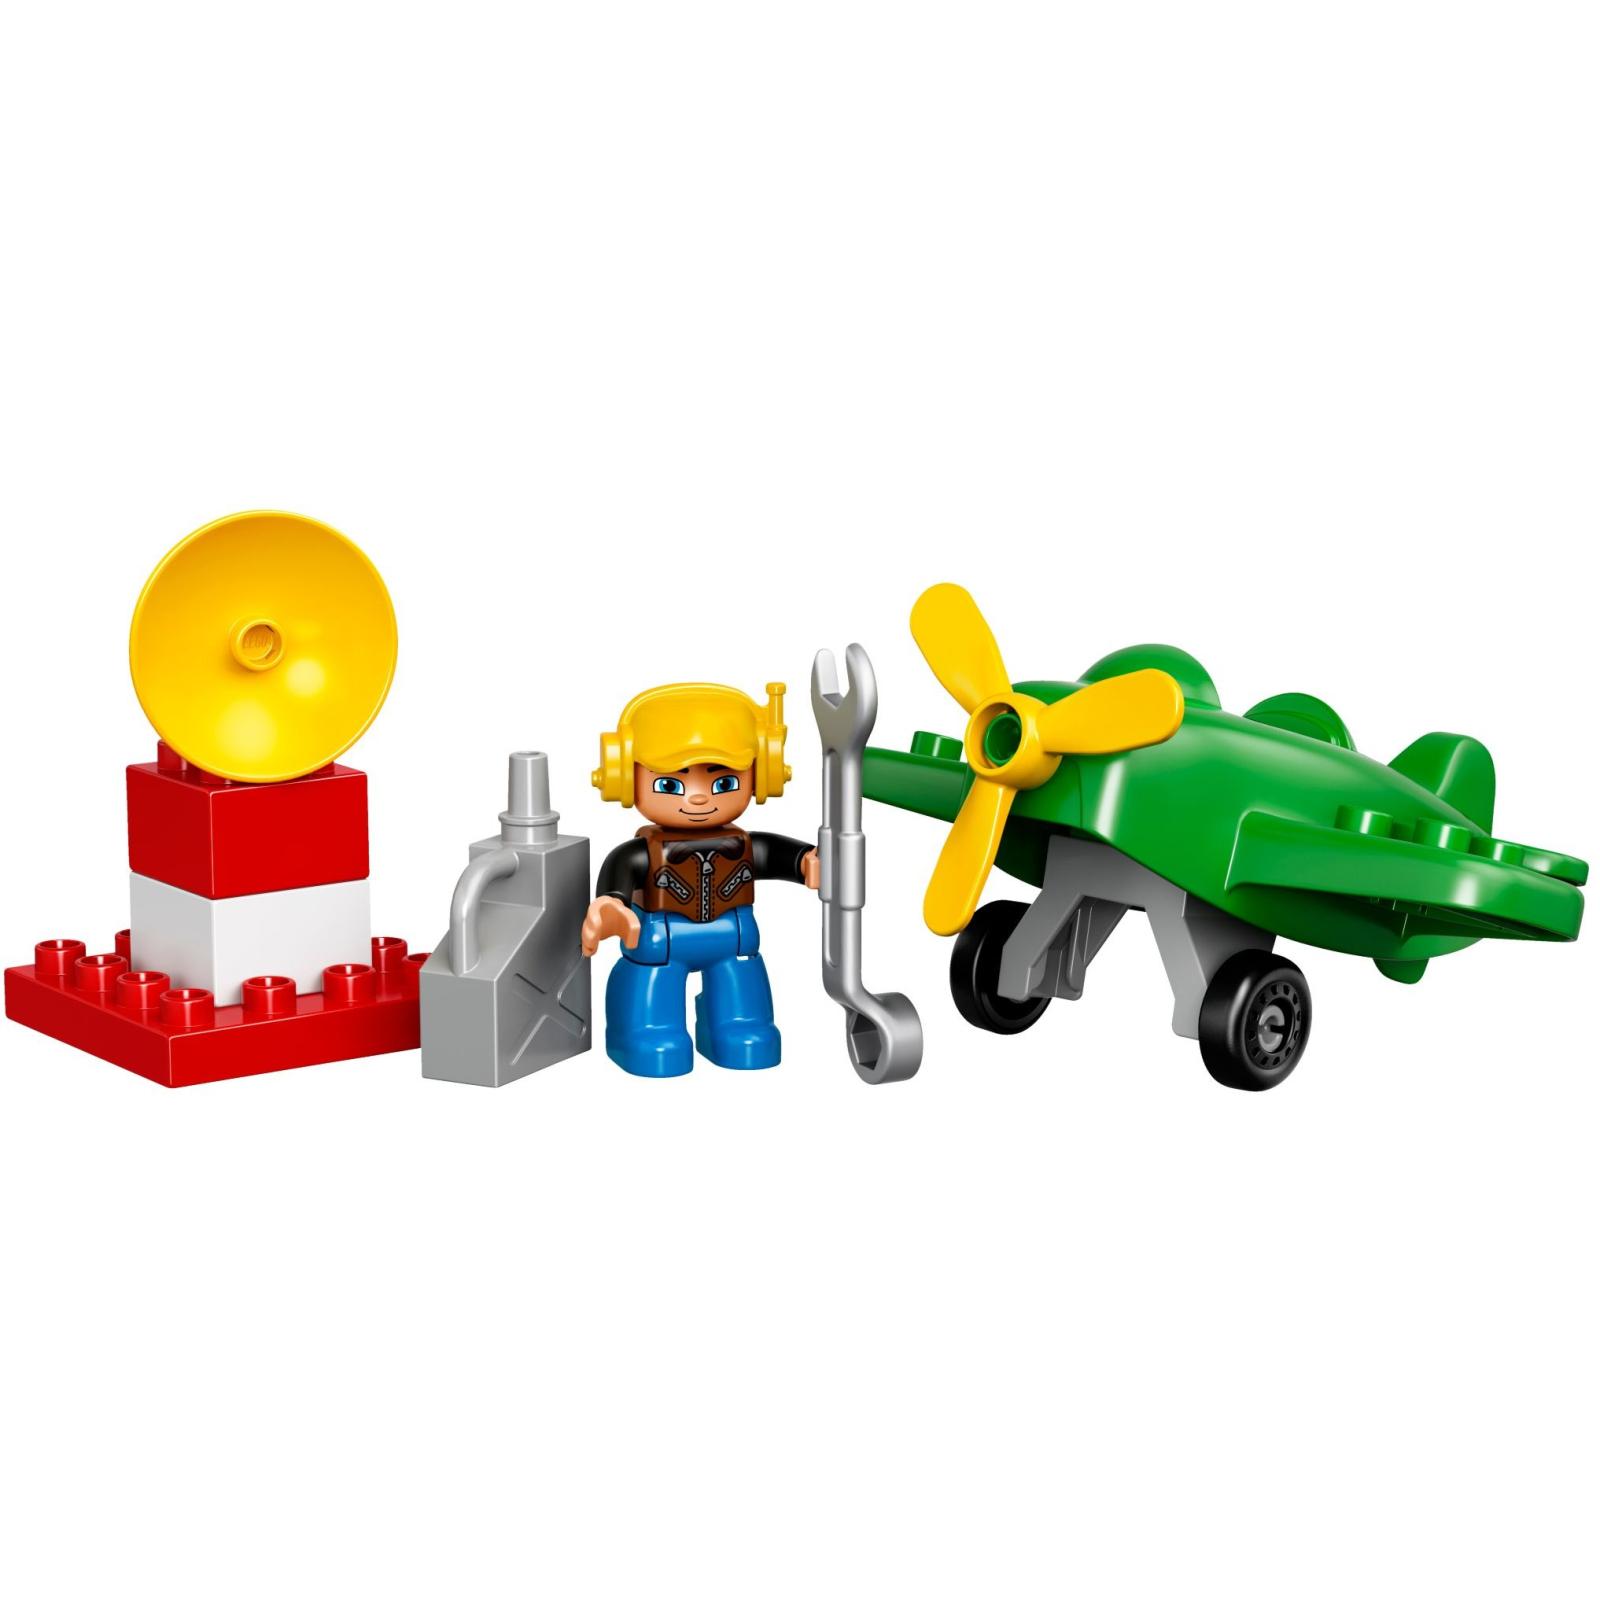 Конструктор LEGO Duplo Town Маленький самолёт (10808) изображение 3